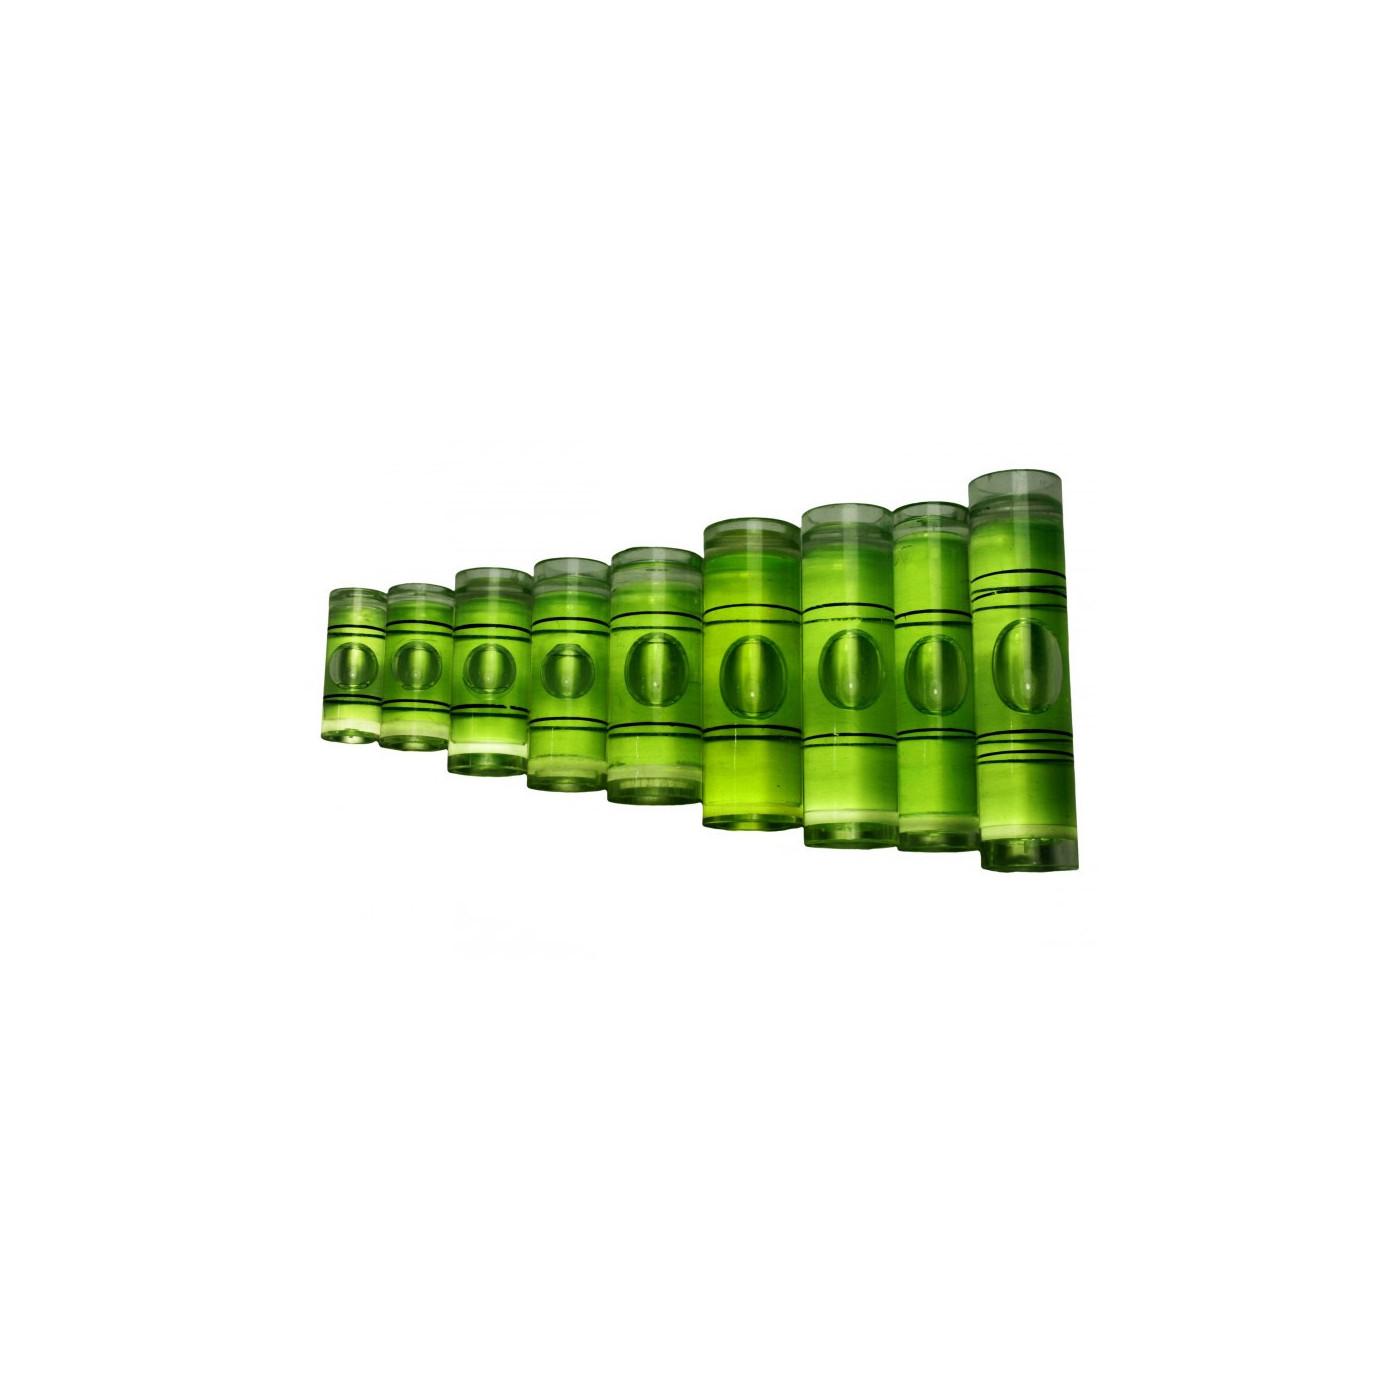 Zestaw 20 fiolek na poziomice (rozmiar 1, zielony)  - 1